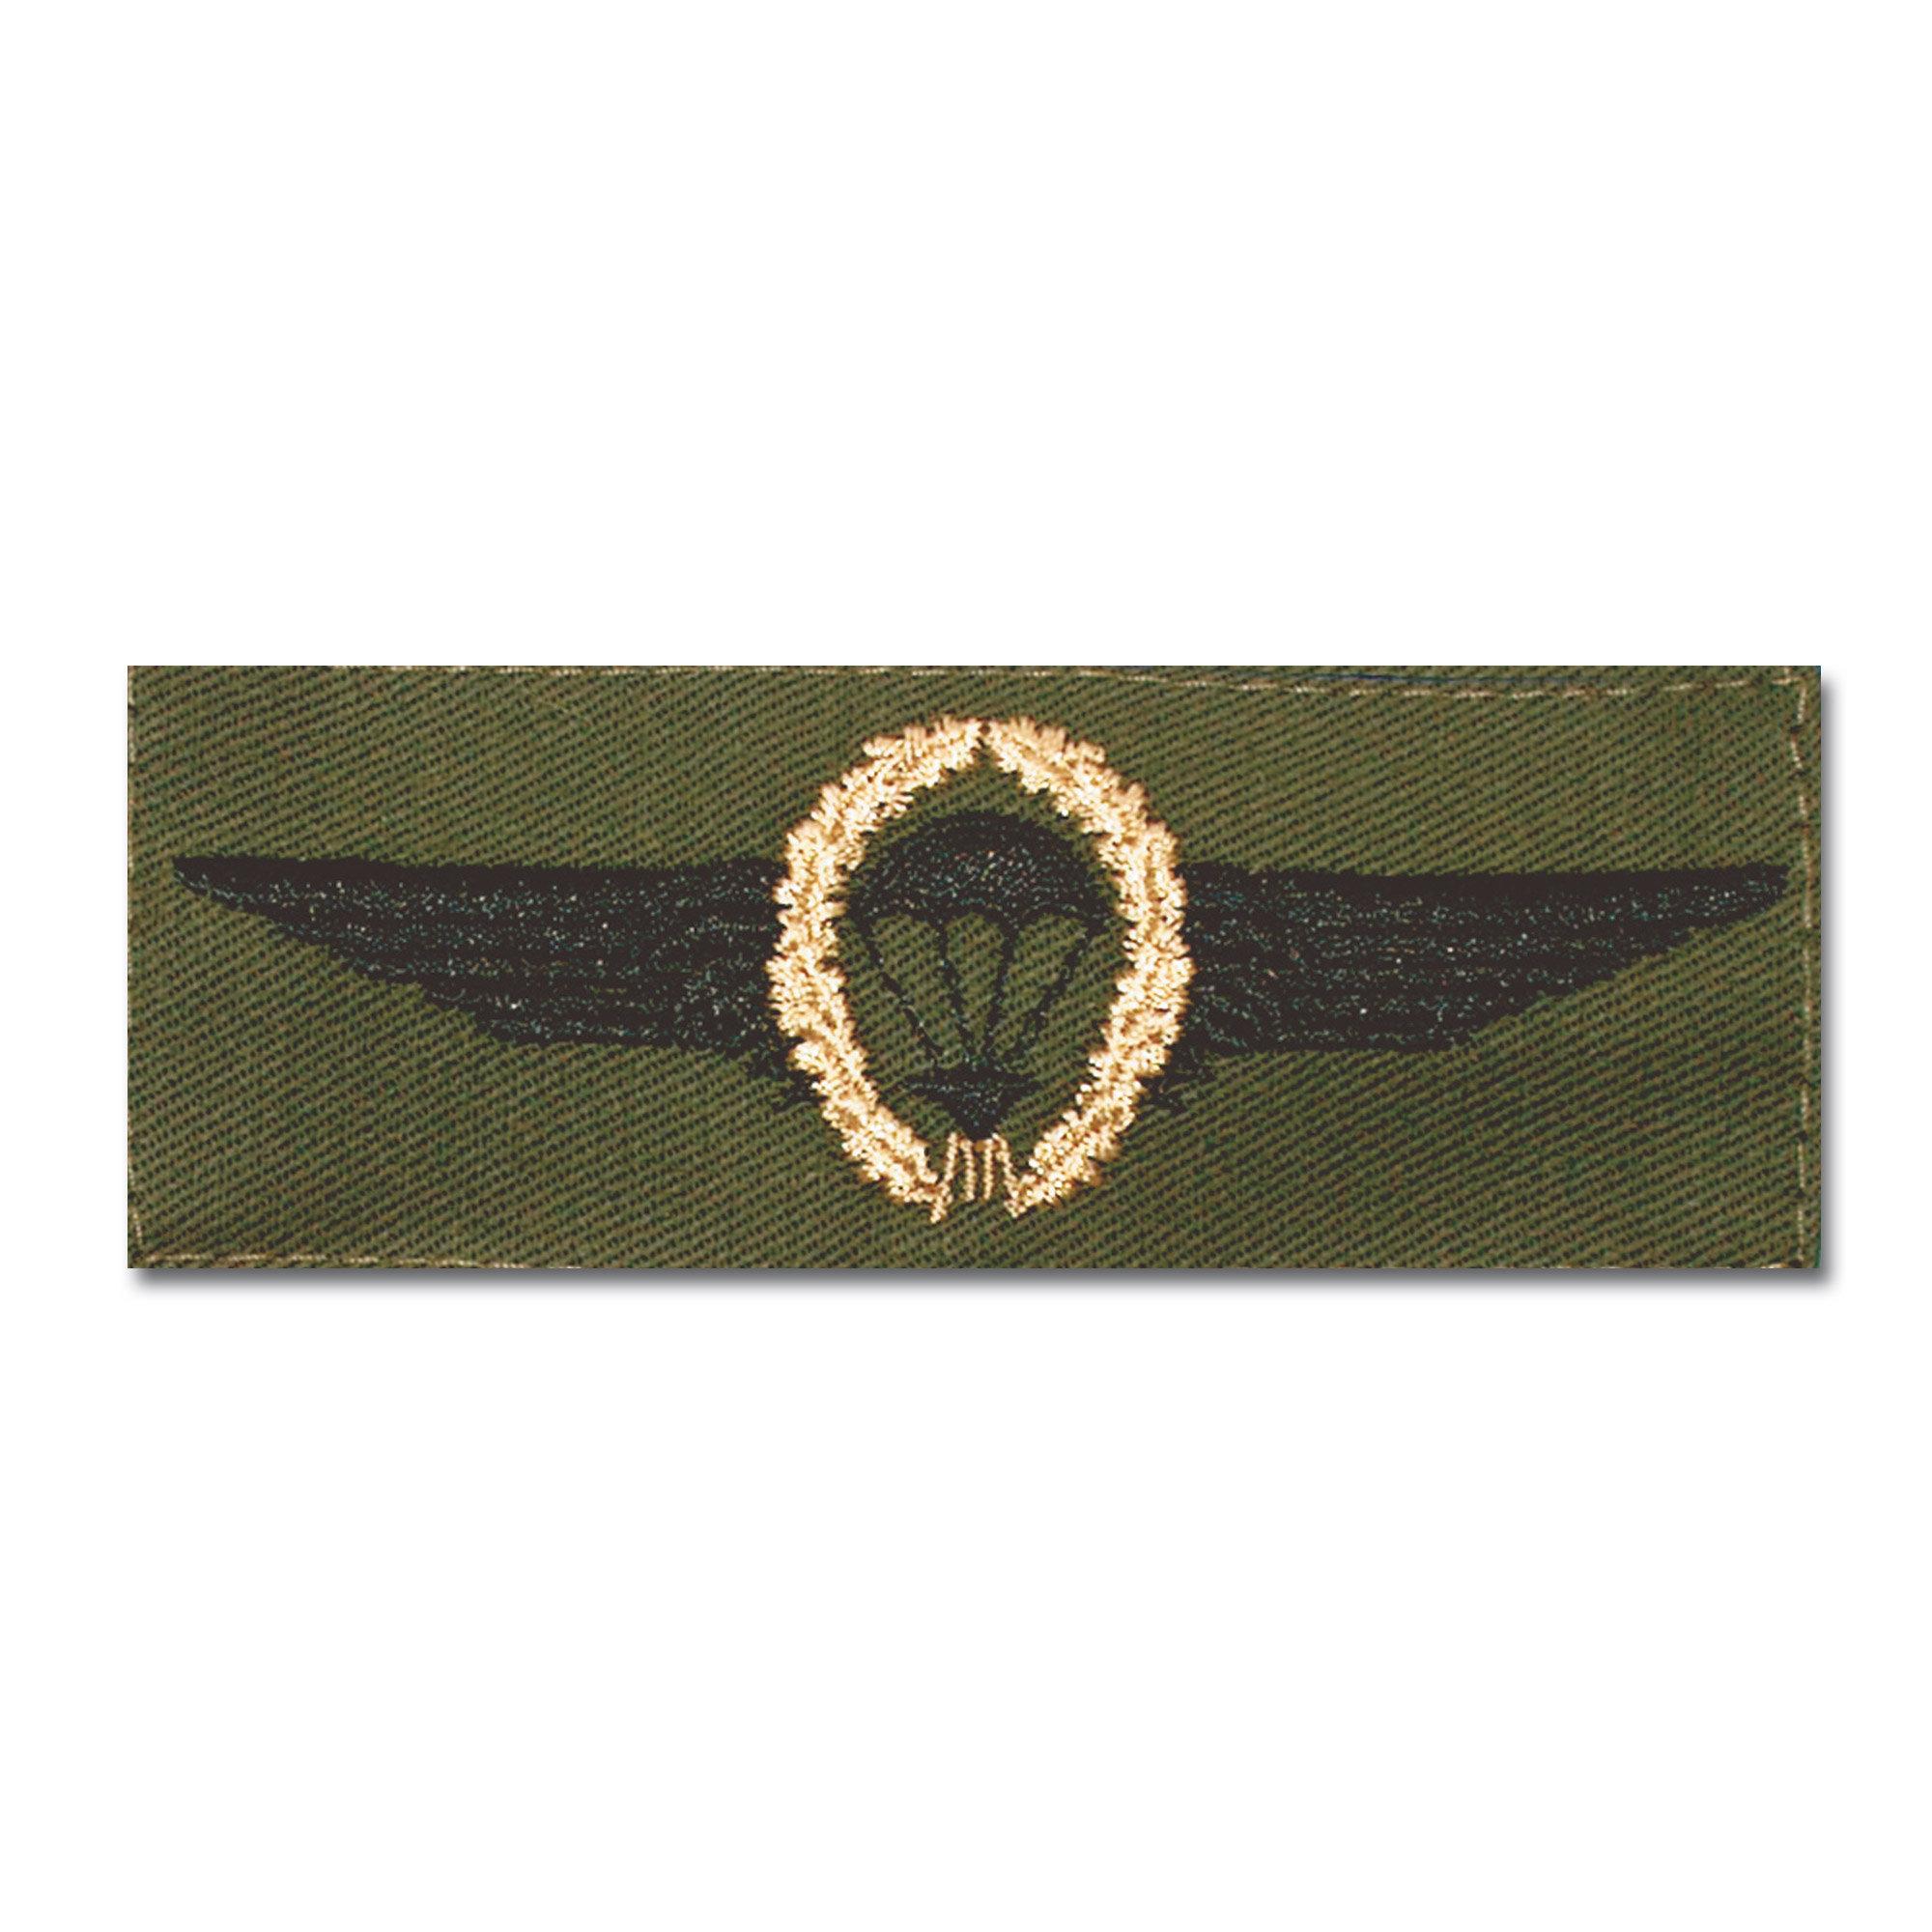 Insignia BW Fallschirmspringer bronce /verde oliva